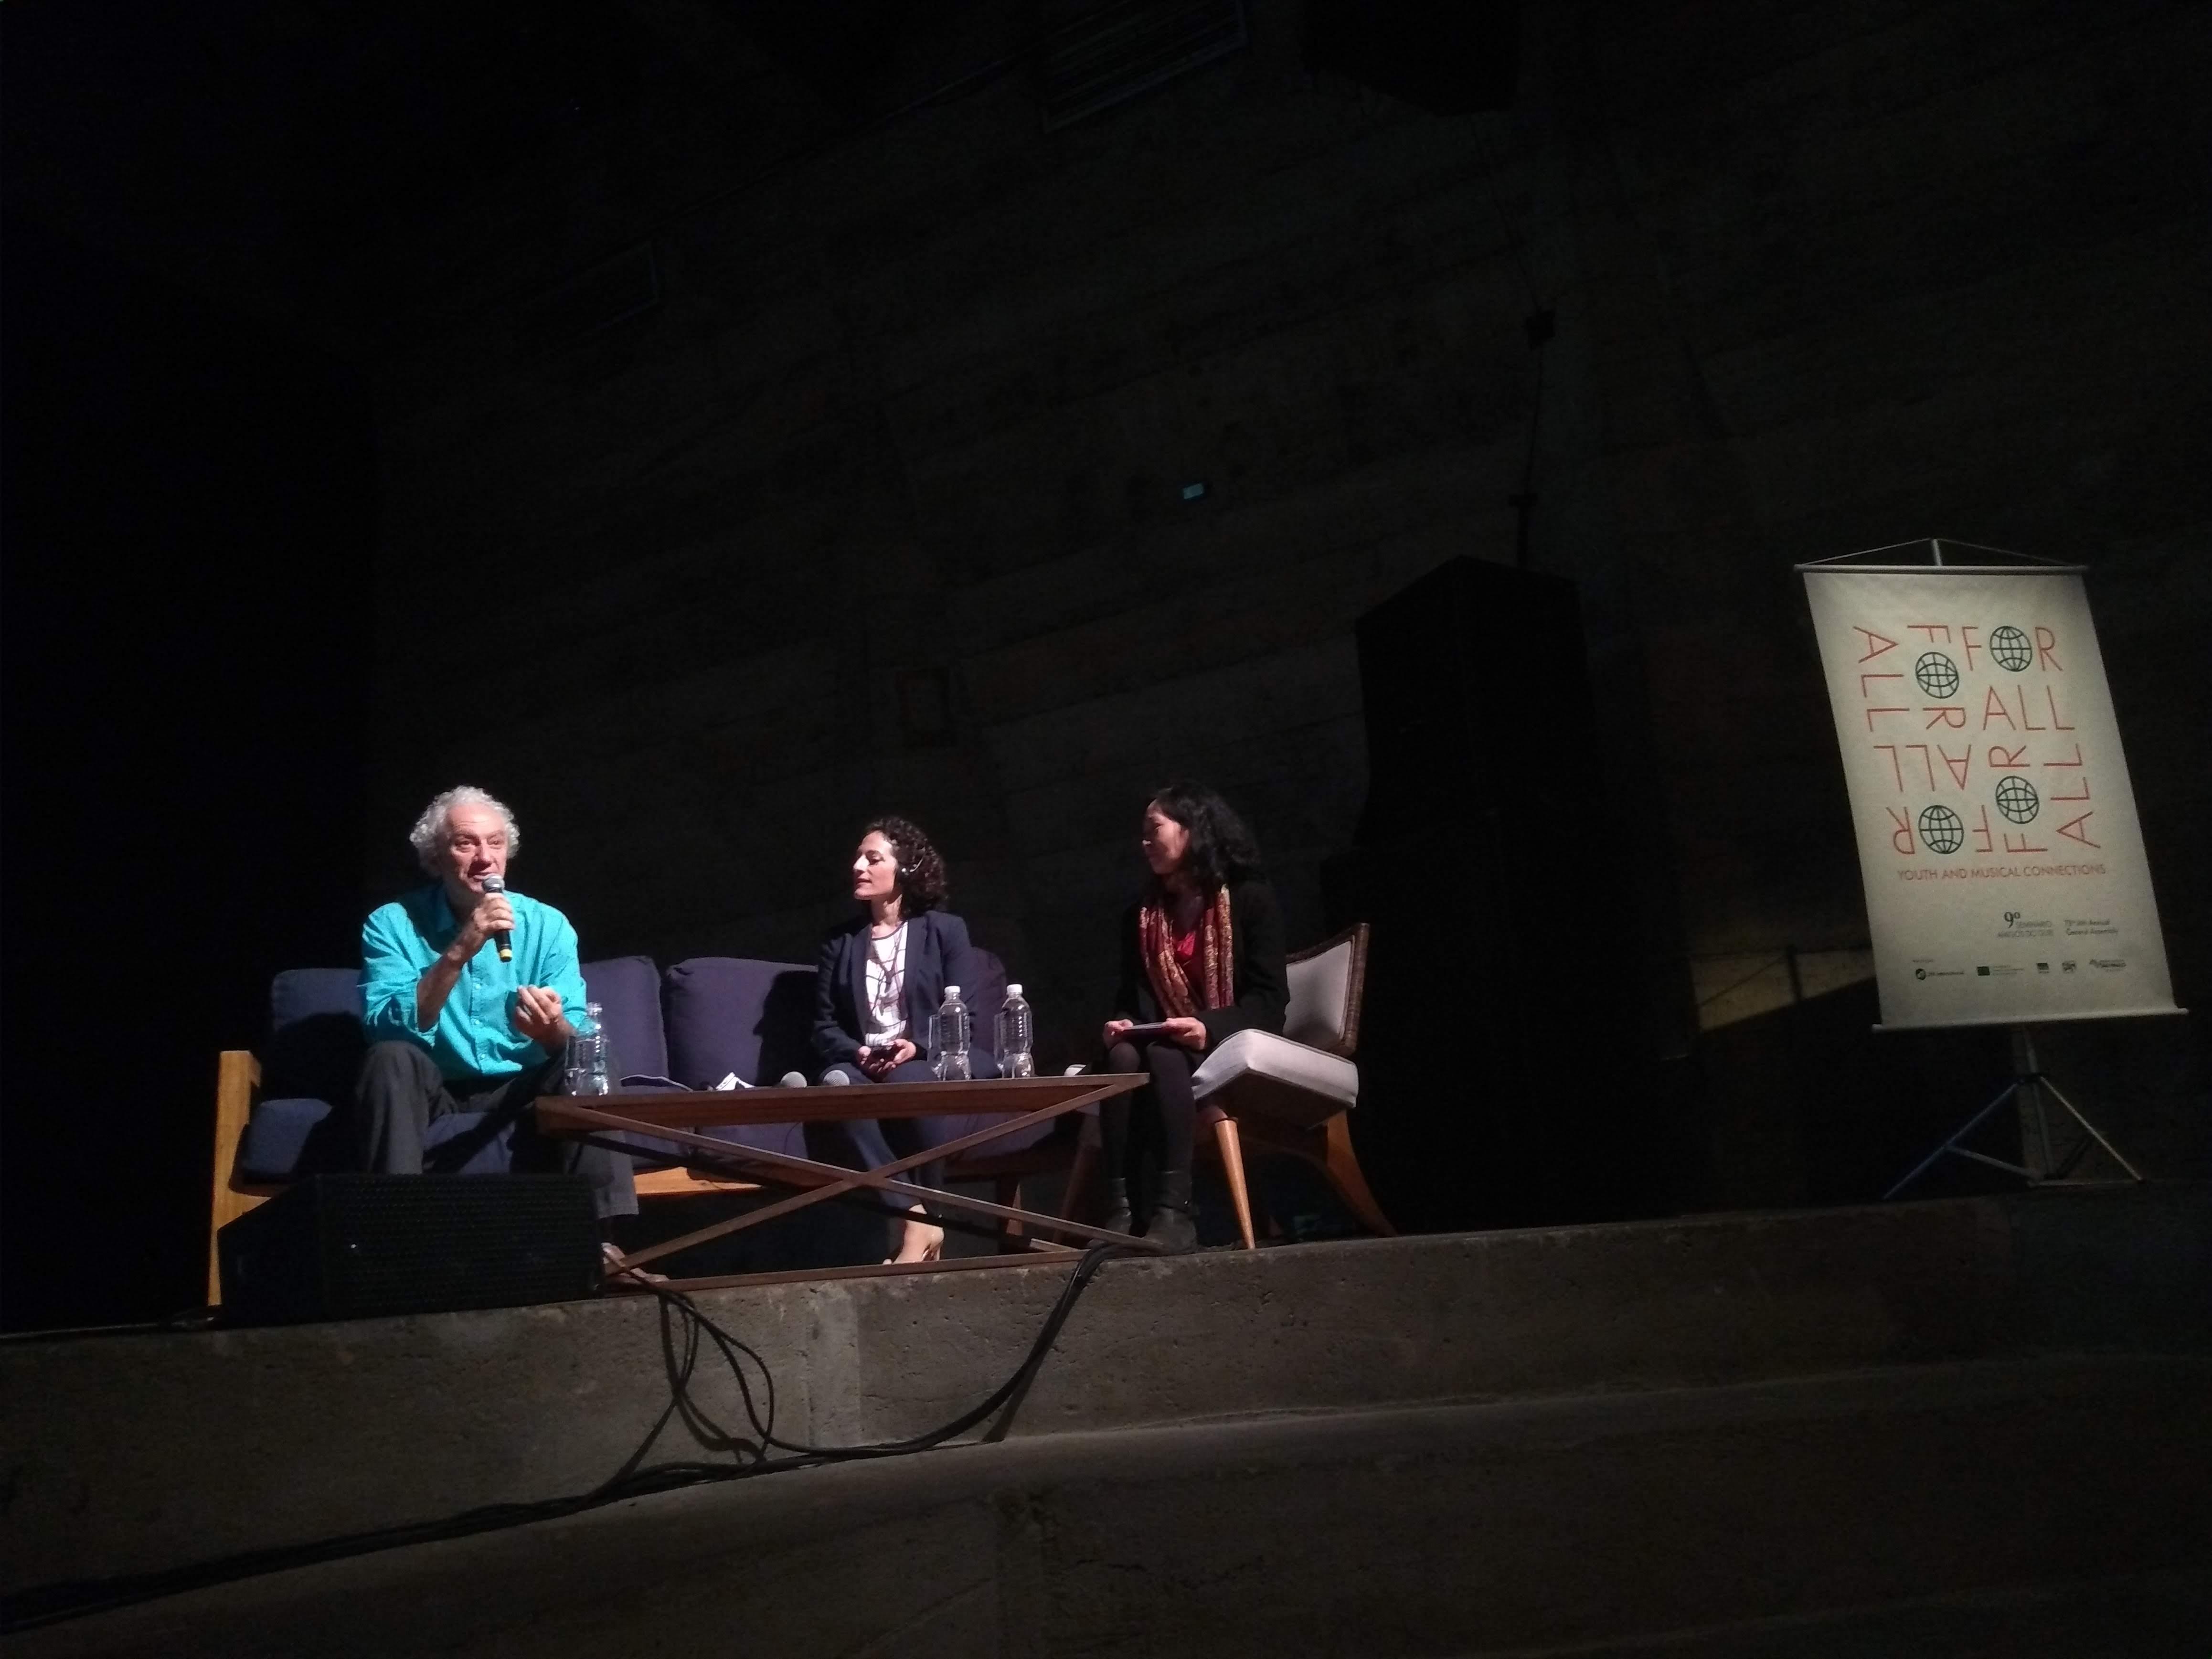 Mesa 4 - Música e Autonomia para crianças e jovens: Carlos Kater, Maria Varvarigou e Flávia Narita